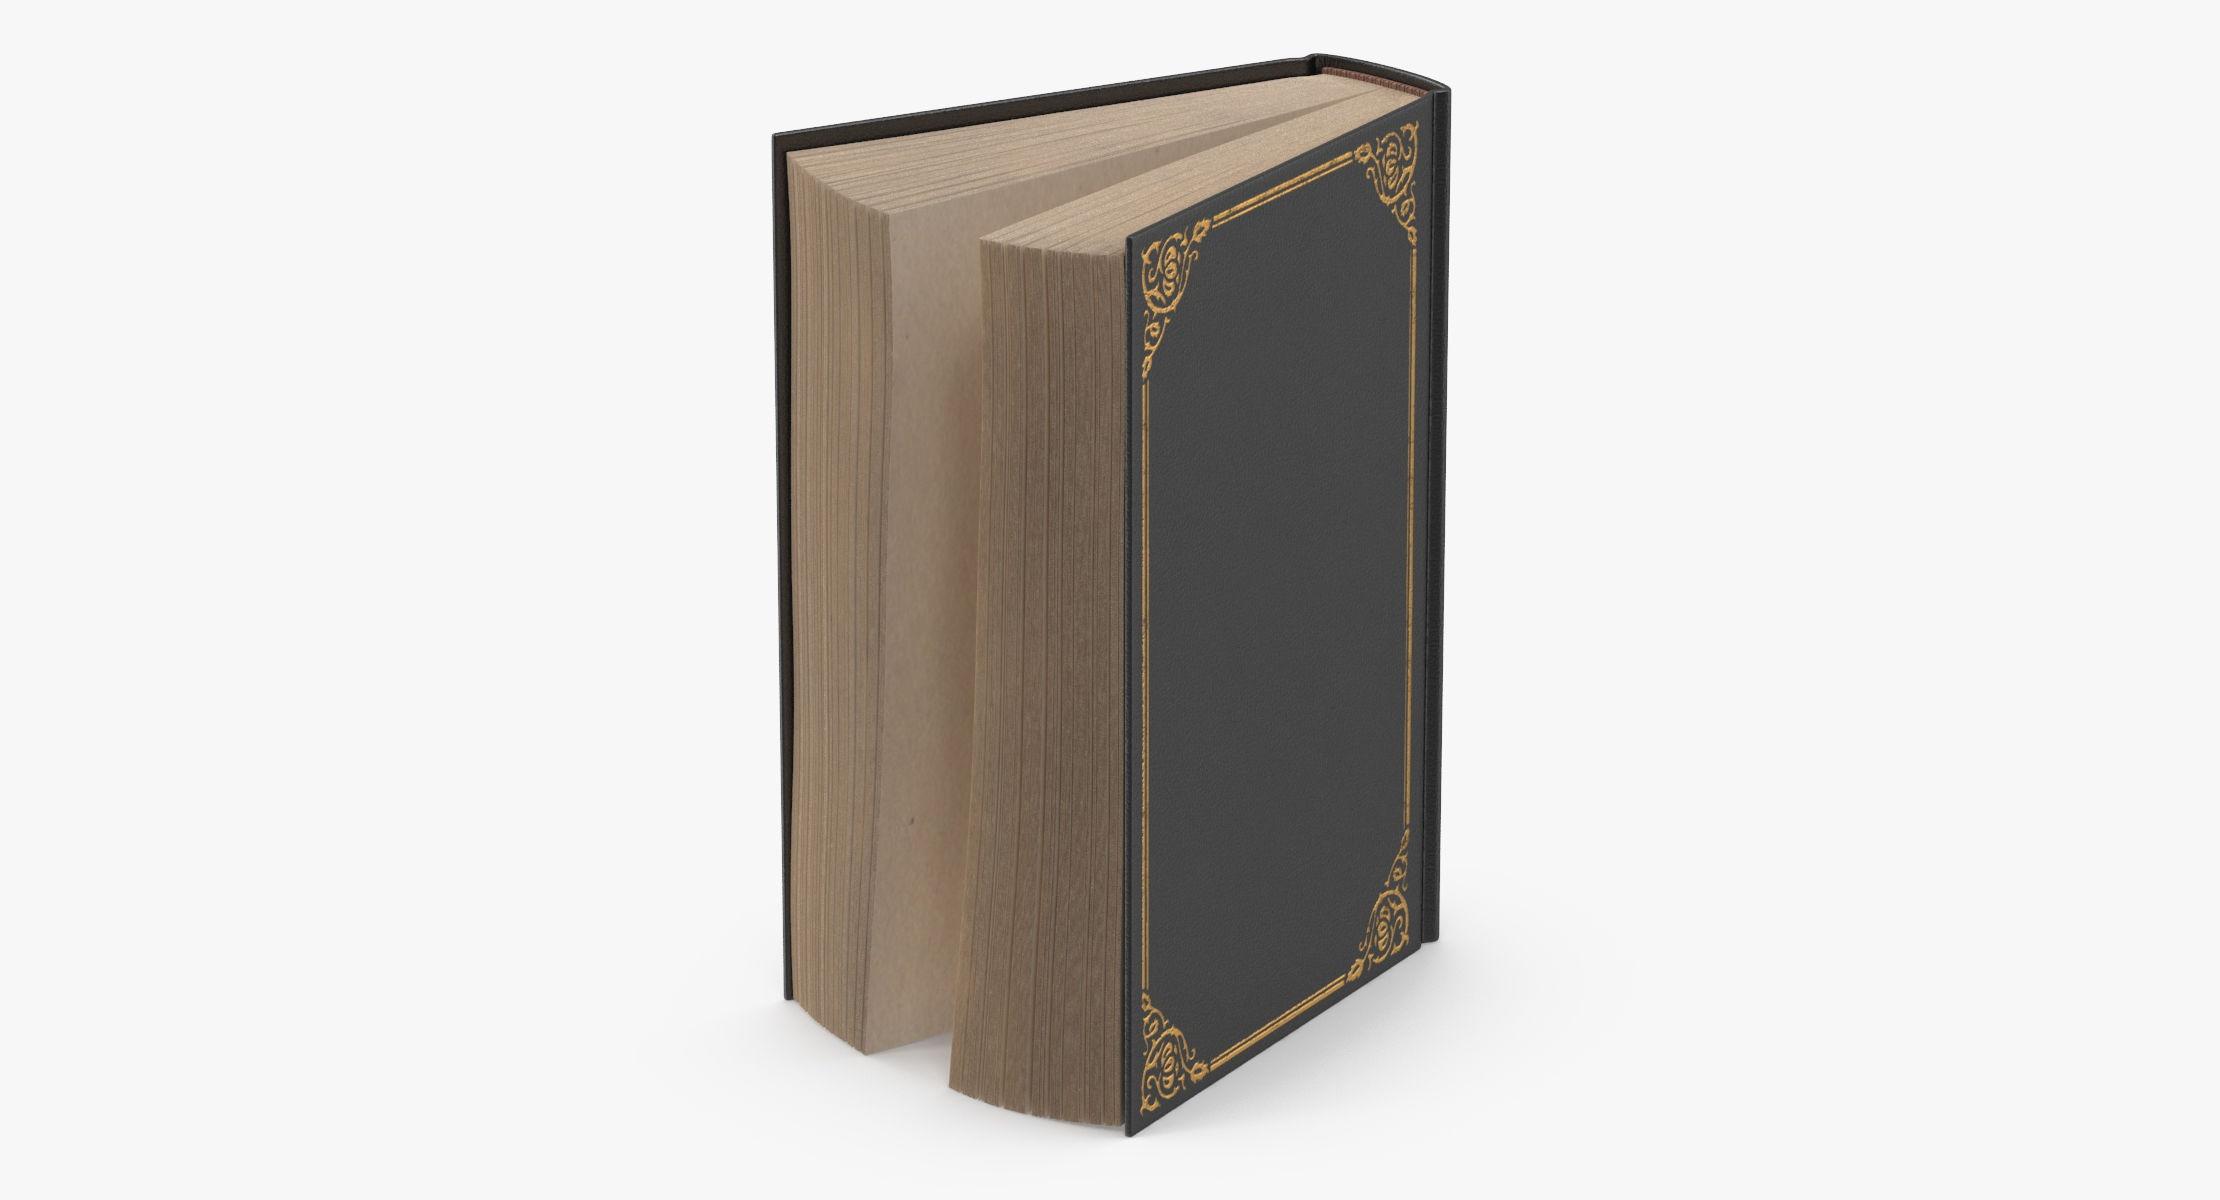 Classic Book 01 Standing Open - reel 1